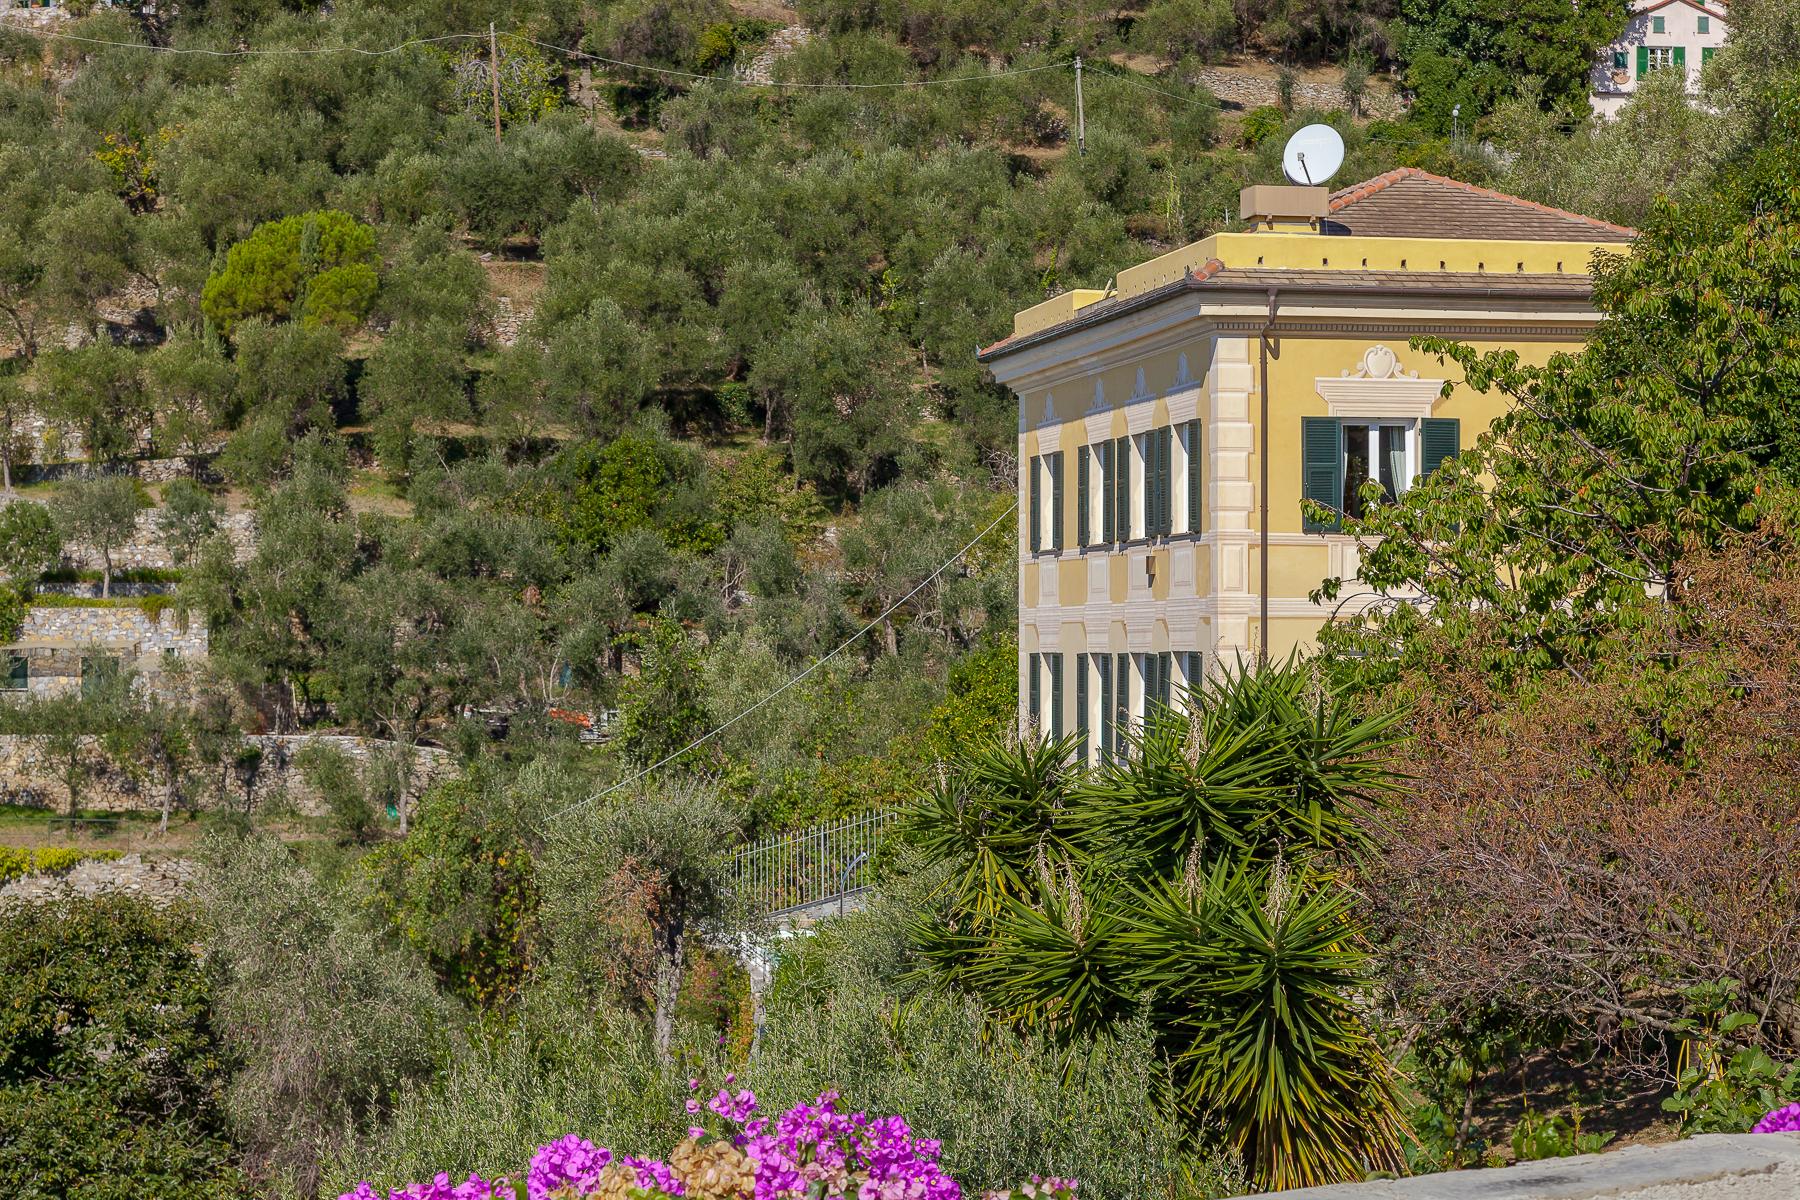 Villa in Vendita a Chiavari: 5 locali, 400 mq - Foto 2